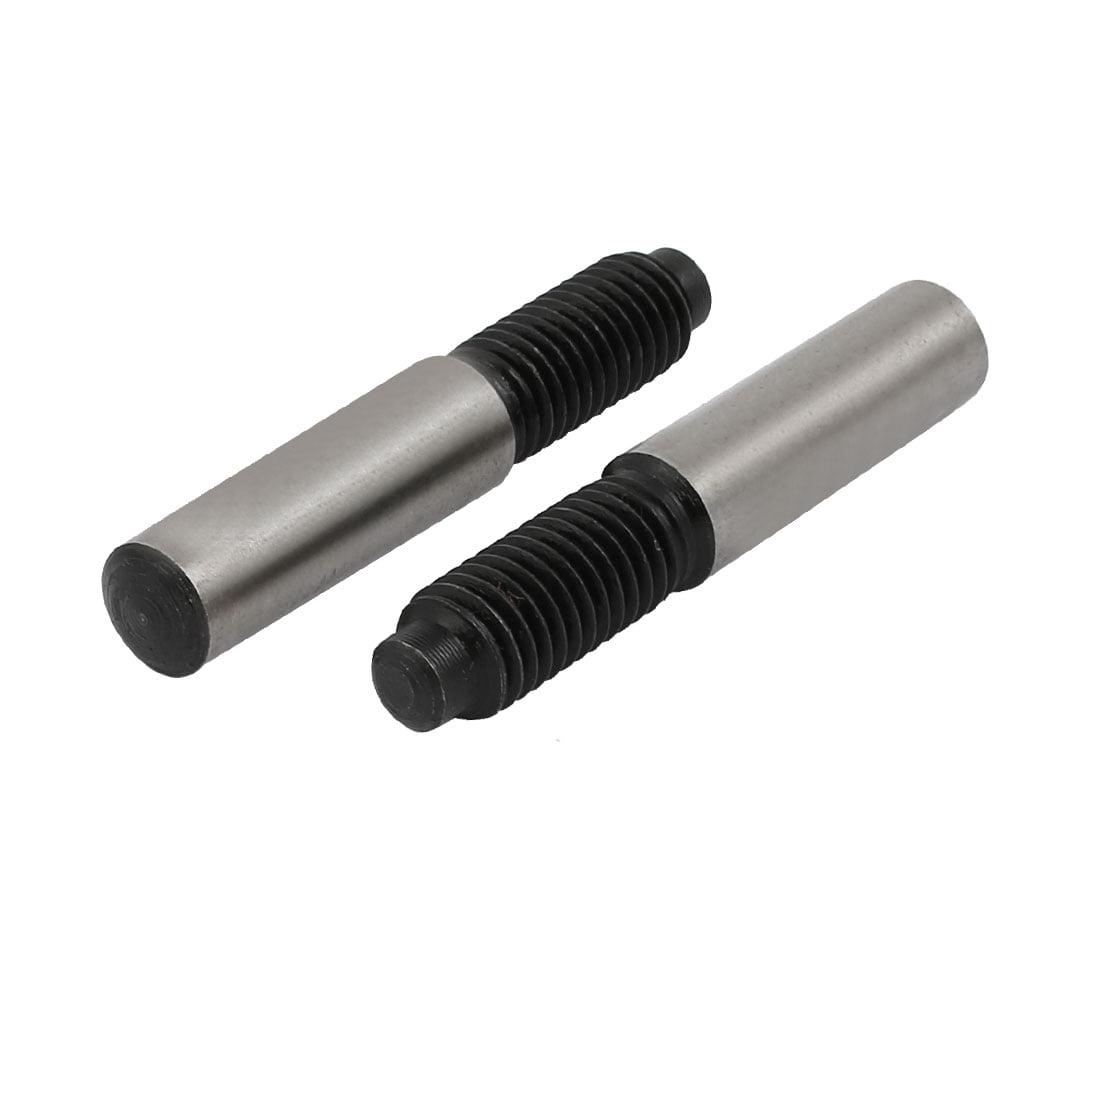 Unique Bargains M10x28mmx60mm 45# Carbon Steel External Thread Metric Taper Pin Fasteners 2pcs - image 3 de 3